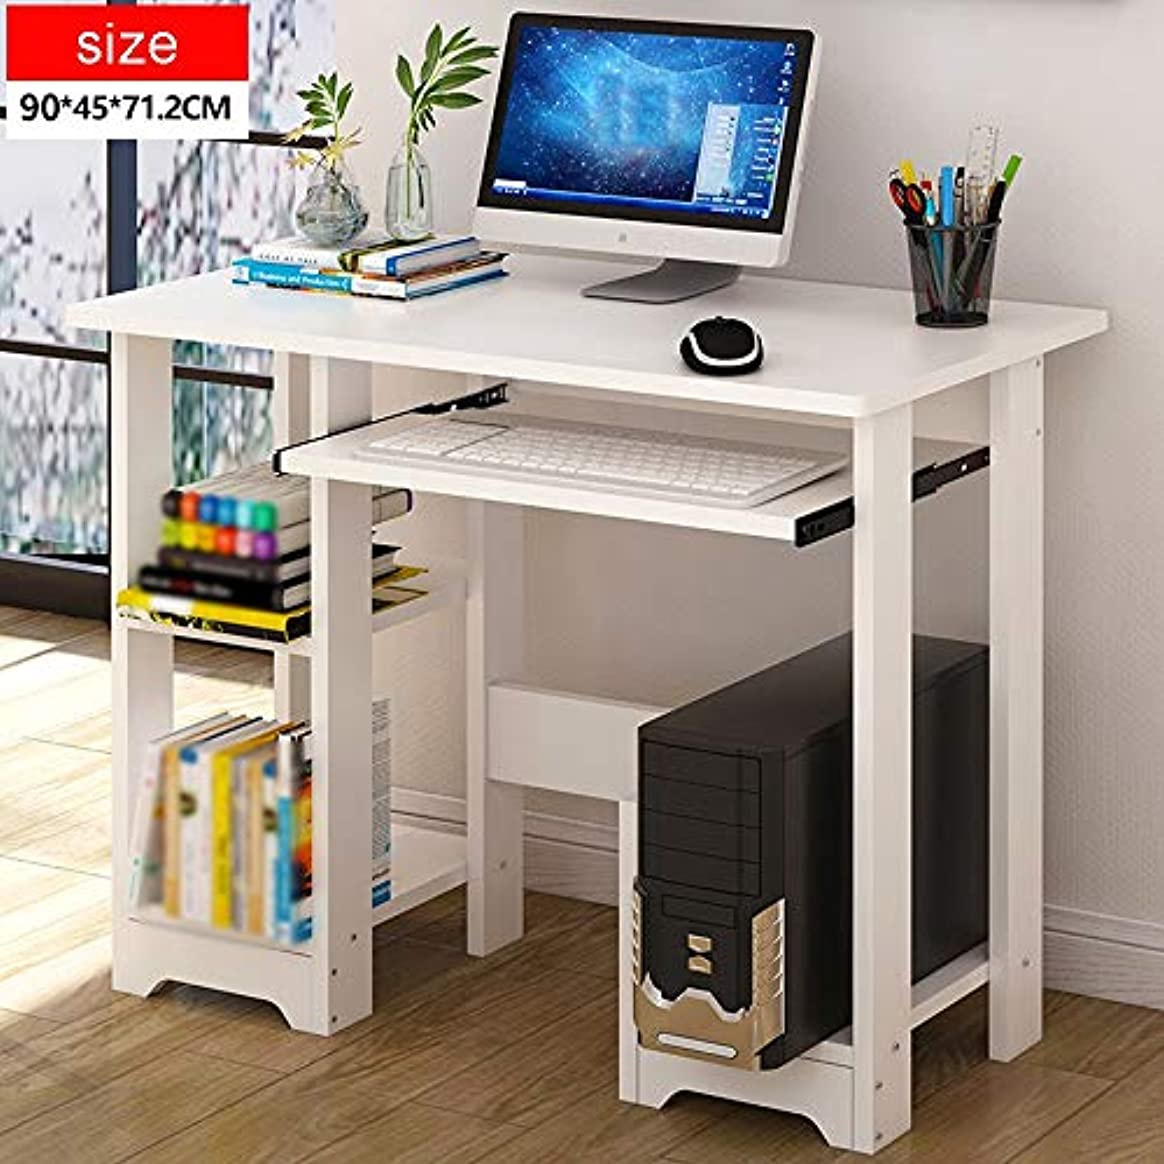 追い払うブリーク分散LJHA zhuozi デスクトップコンピュータの机の家、ノートブックのデスクのオフィスの机の表の簡単な学習の机 (色 : 白, サイズ さいず : 90*45*71.2cm)